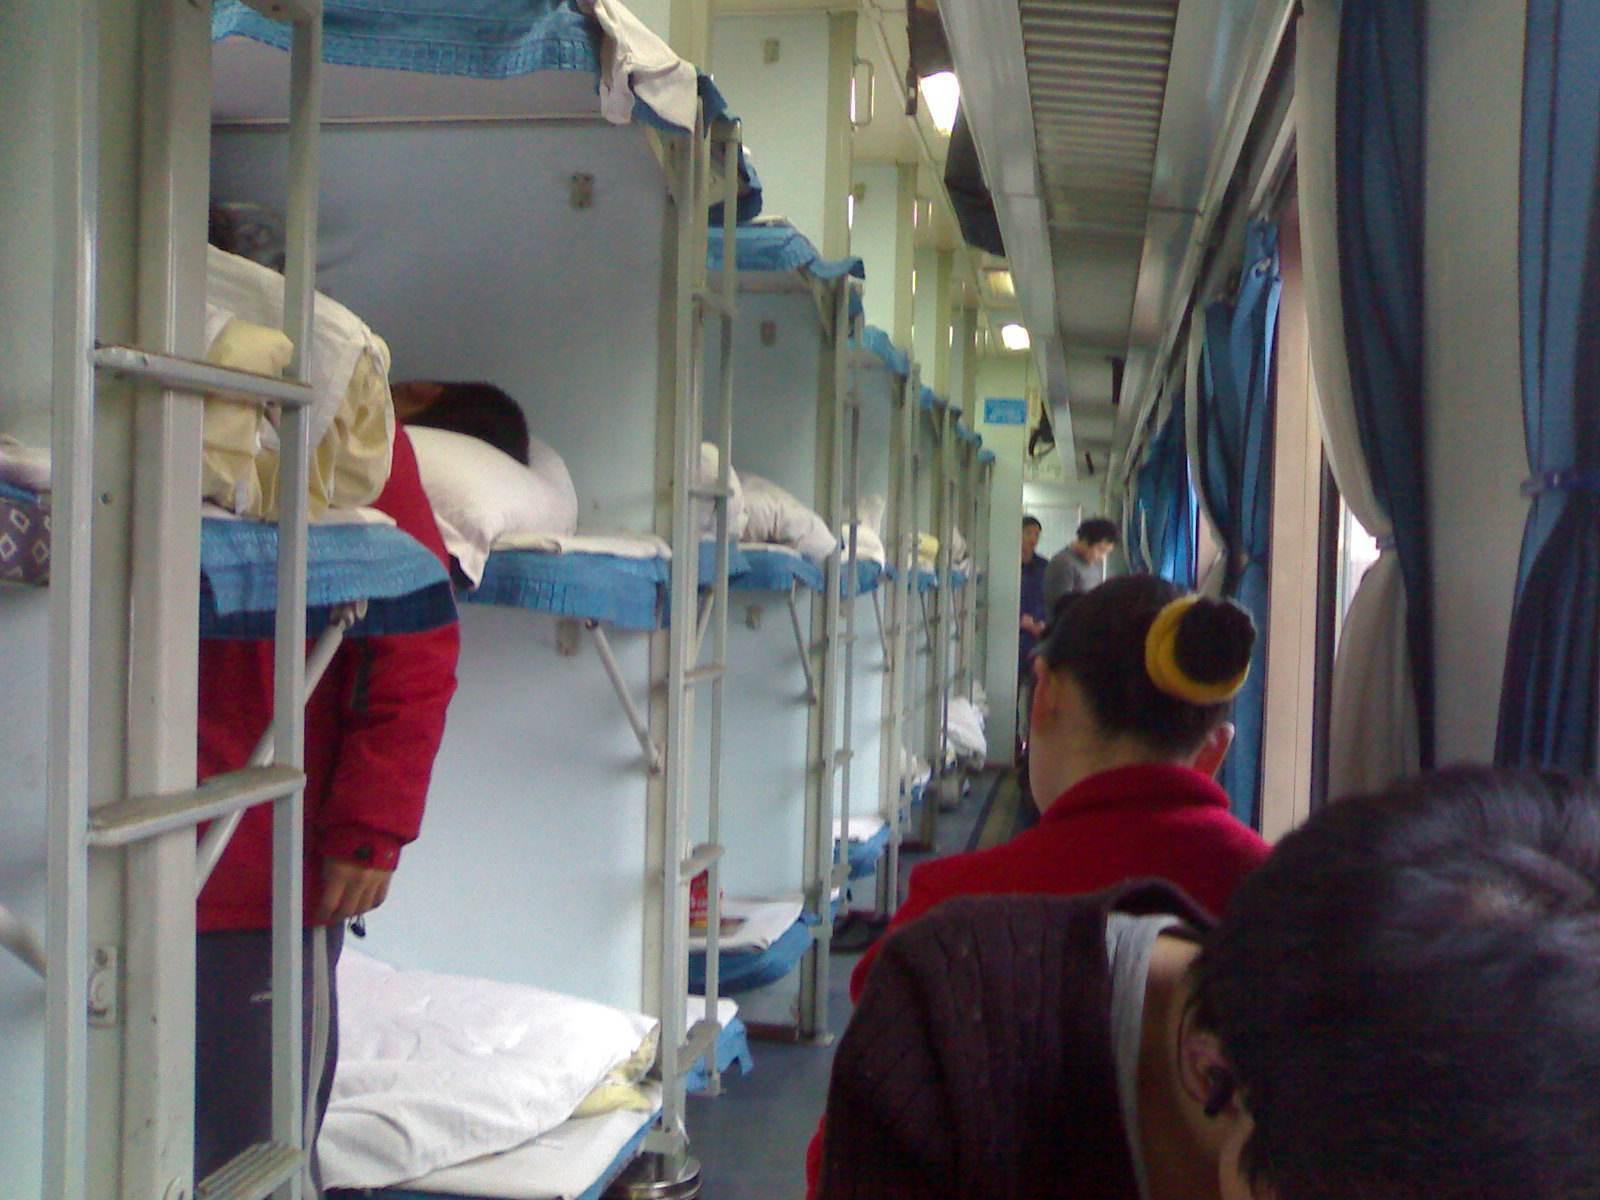 火车硬卧图片软卧区别